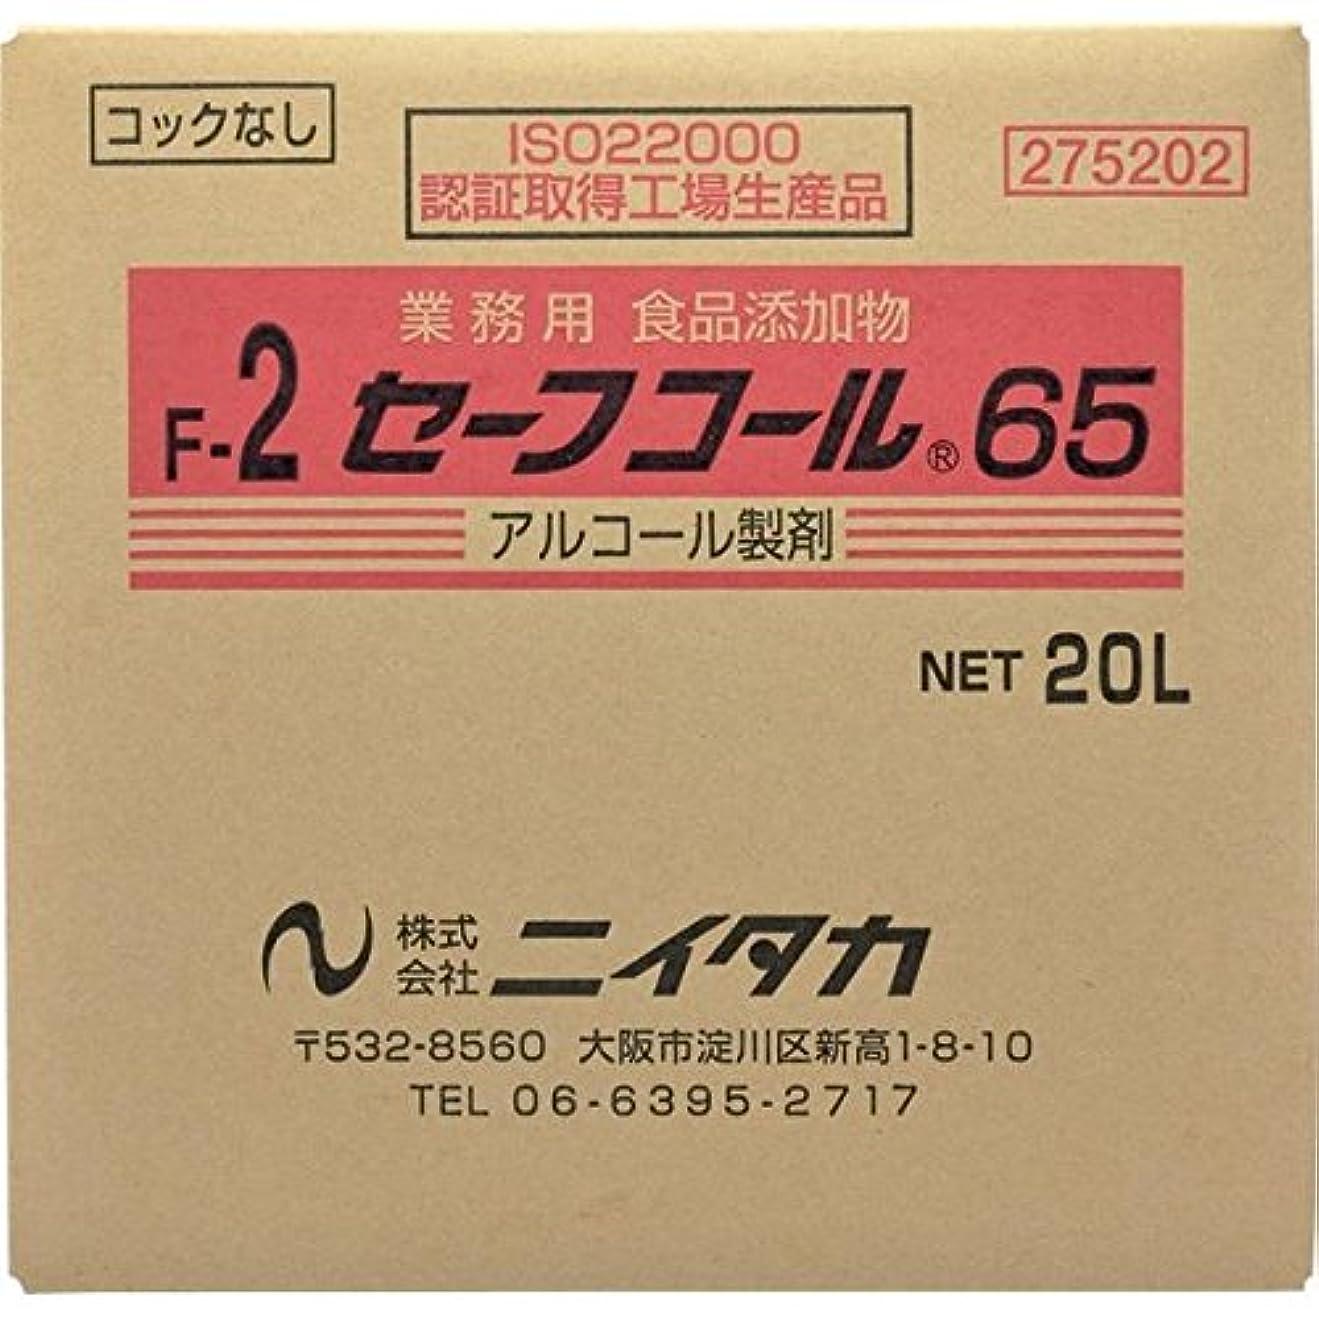 モディッシュ正しいポインタニイタカ:セーフコール65(F-2) 20L(BIB) 275202